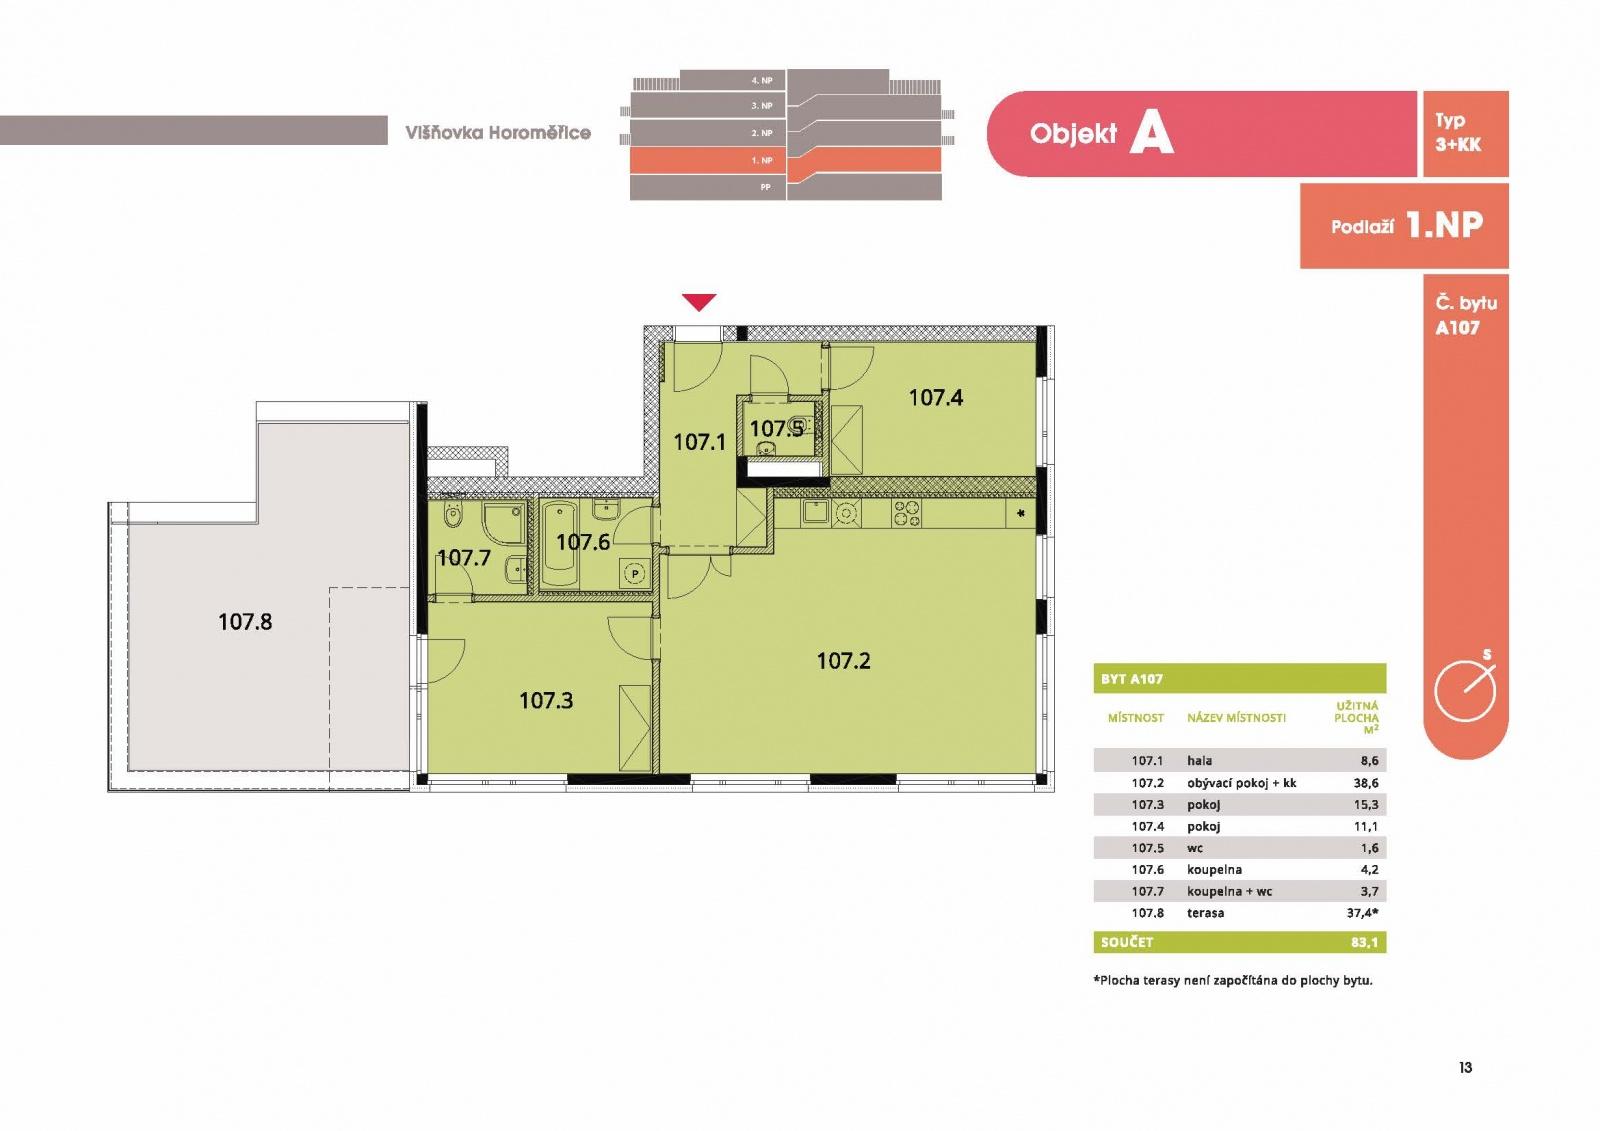 Byt 3+kk, 89,00 m2, Horoměřice, Projekt Višnovka - bytové domy